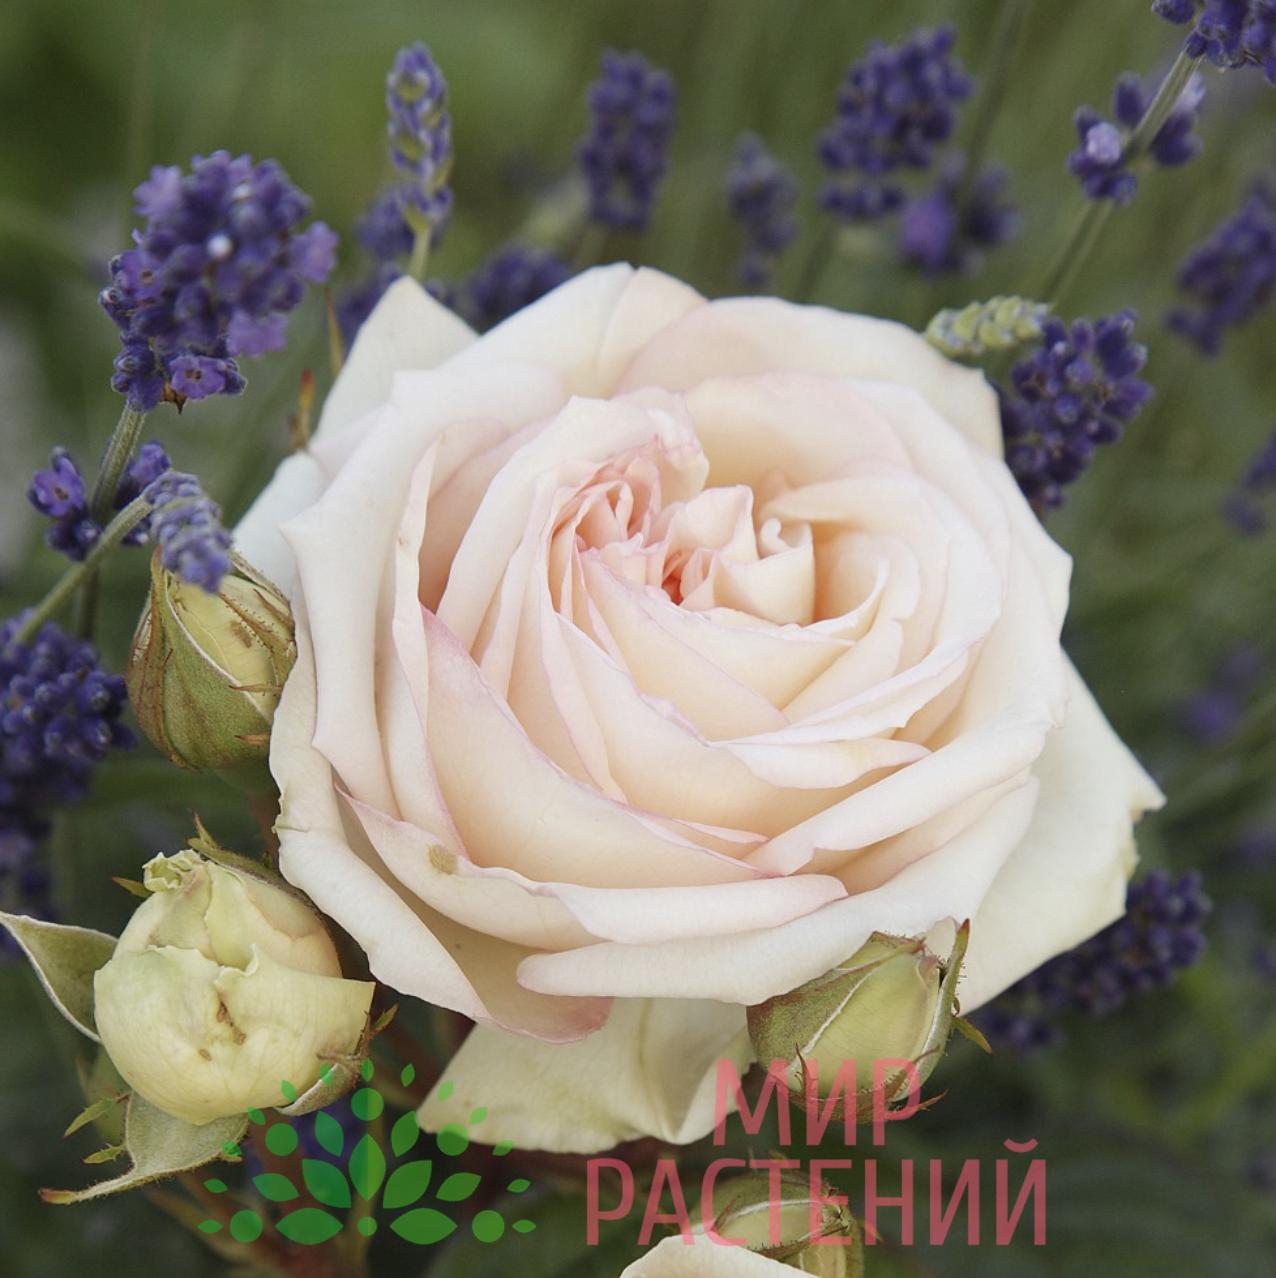 серия парфюма кордес